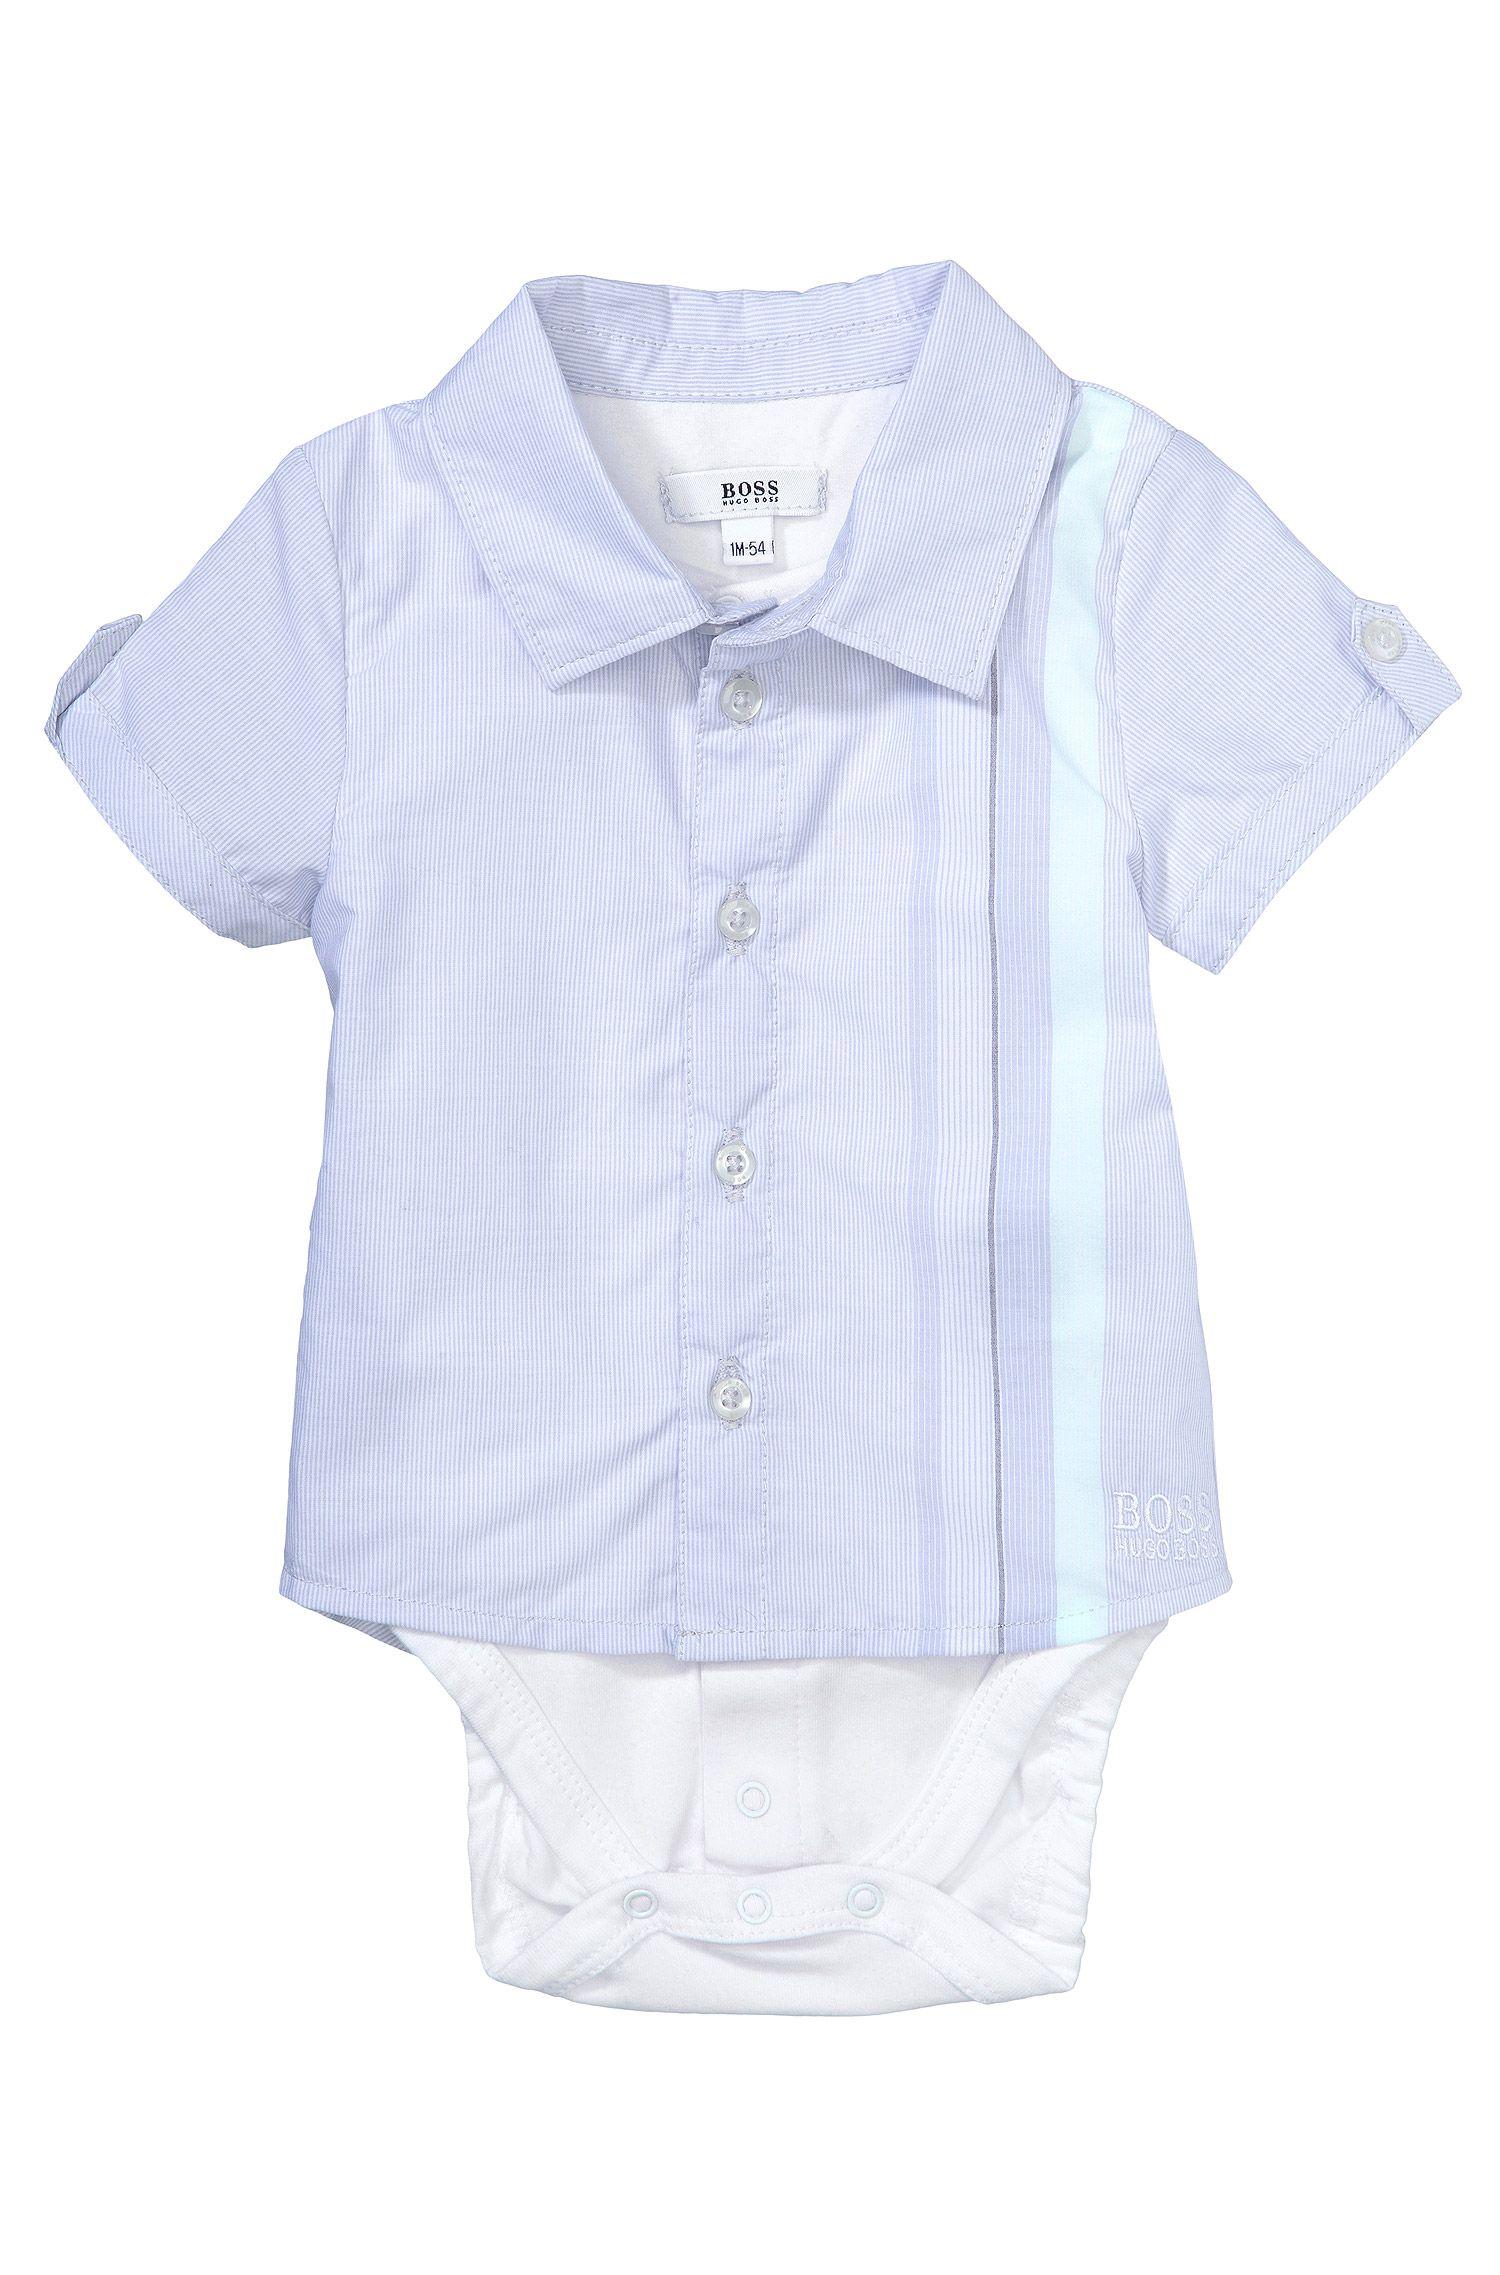 Chemise-body pour enfant «J97080» en coton